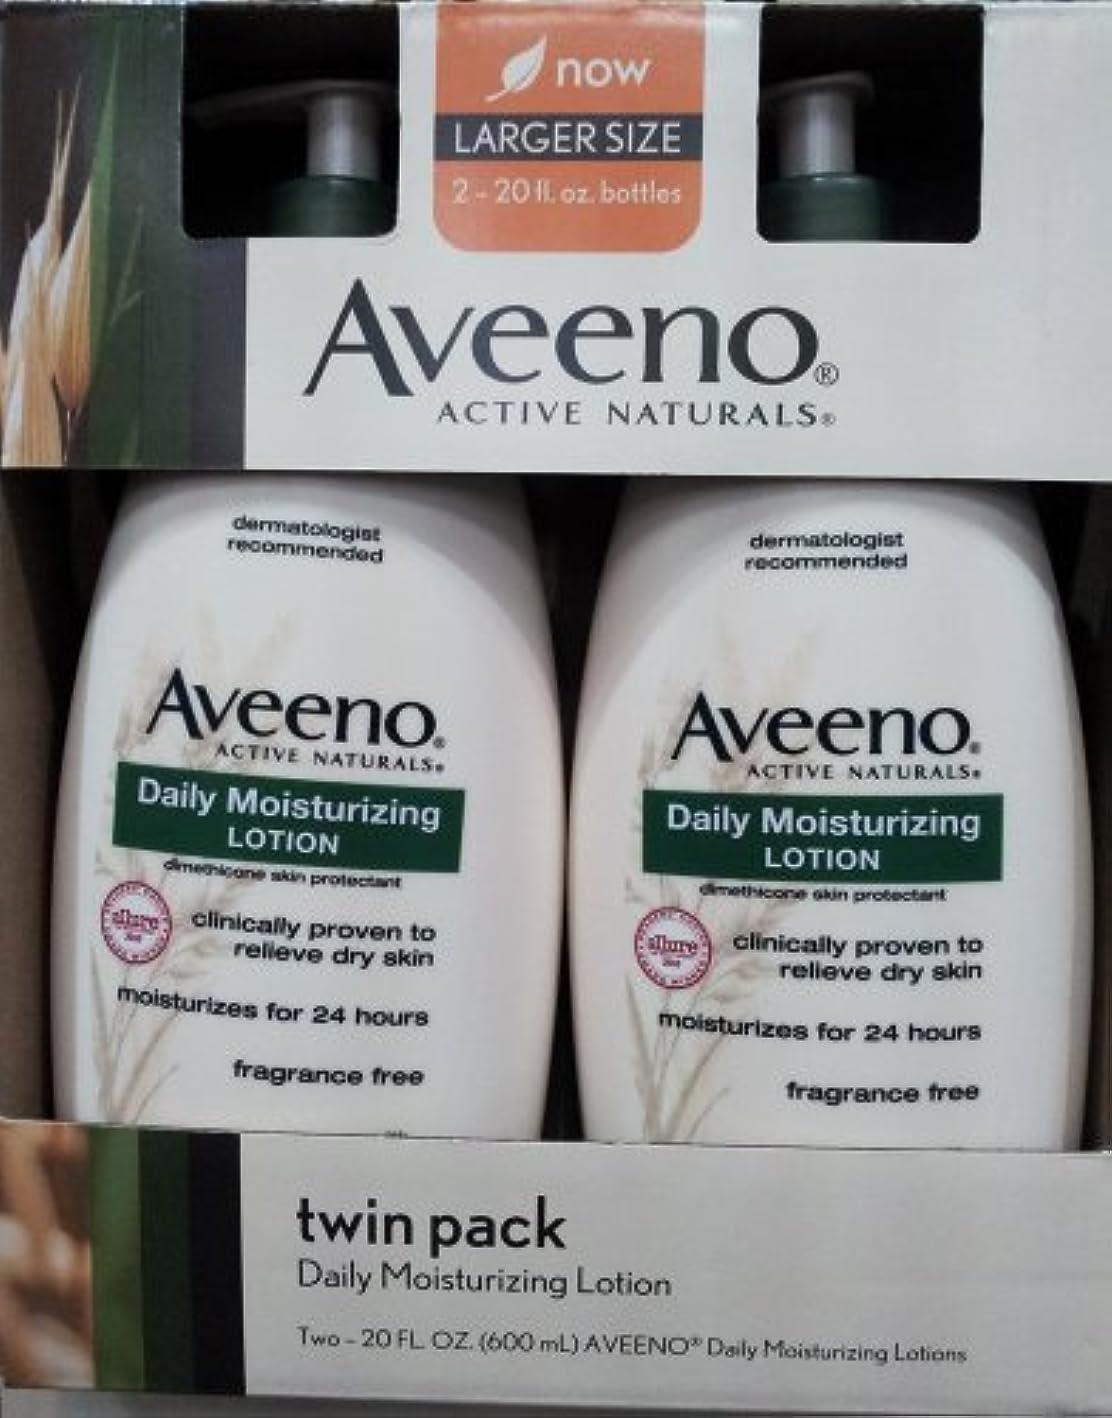 難しいあさり把握Aveeno Active Naturals Daily Moisturizing Lotion, NEW 2 pack of 20 FL oz Pump [並行輸入品]